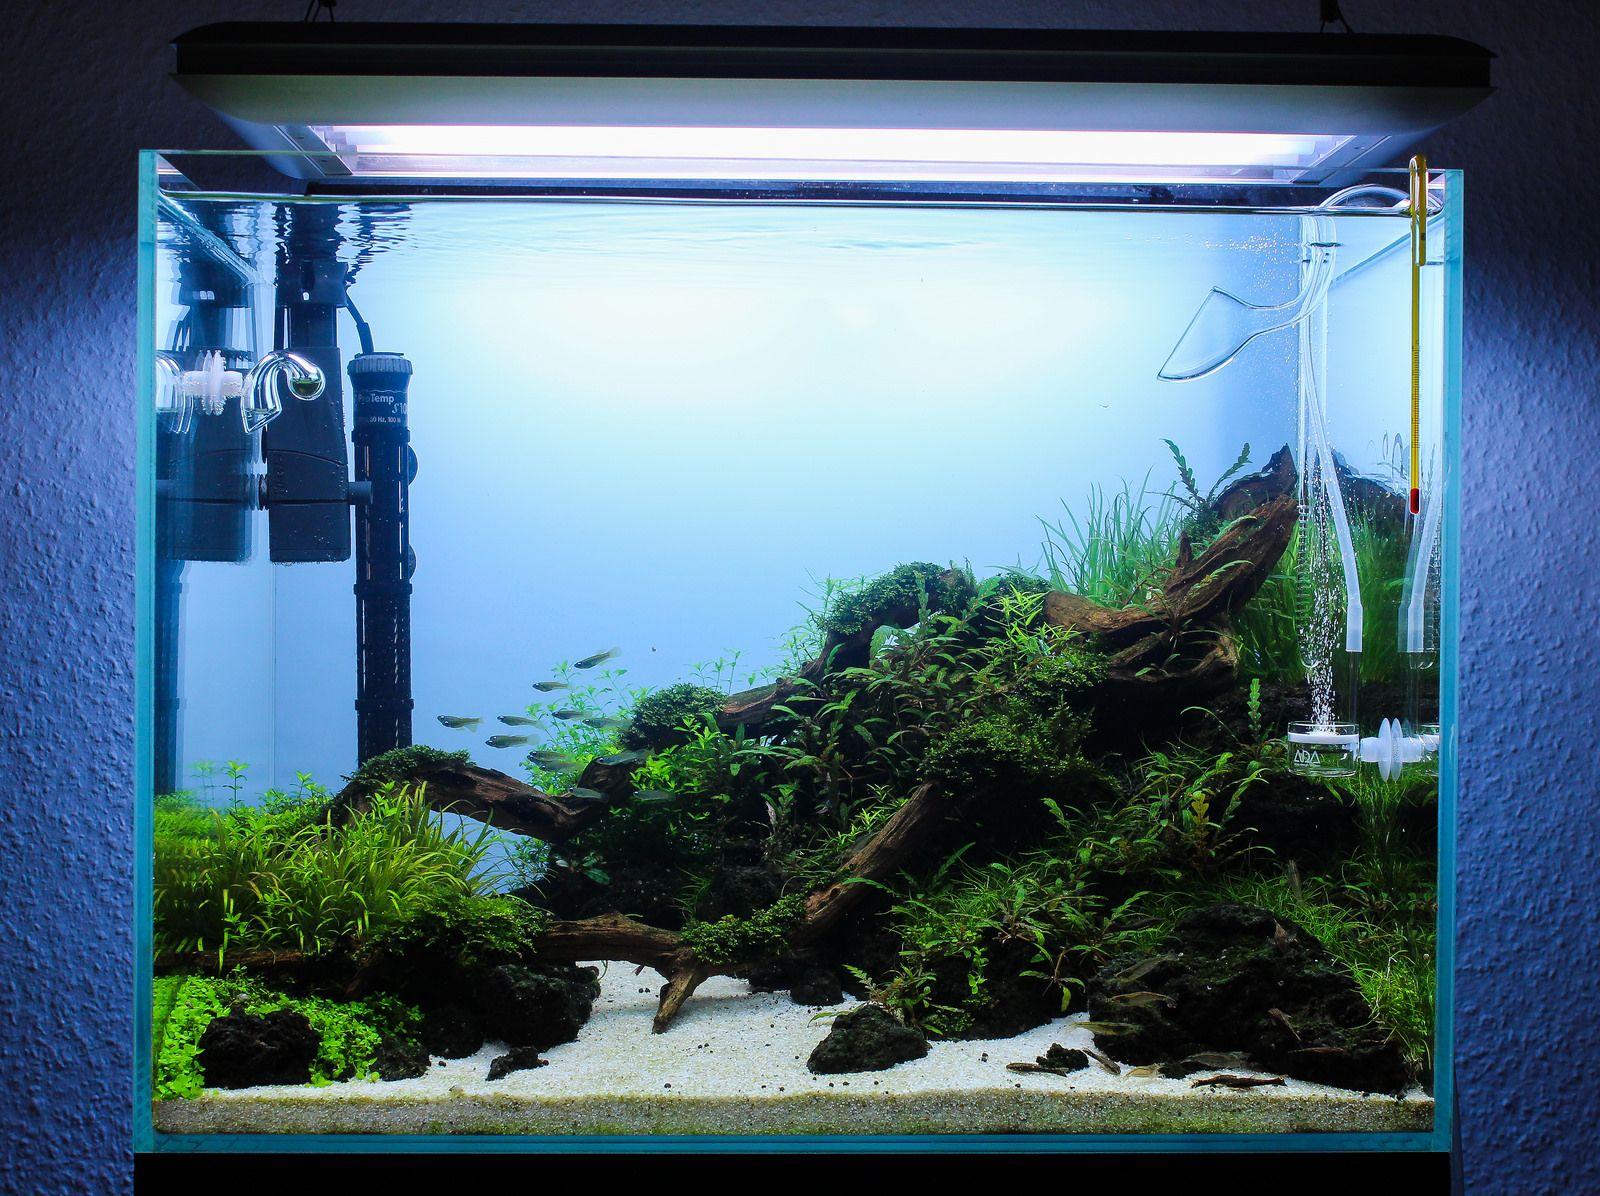 60x45x45 Cube Garden Aquascape Nature Aquarium Planted Aquarium